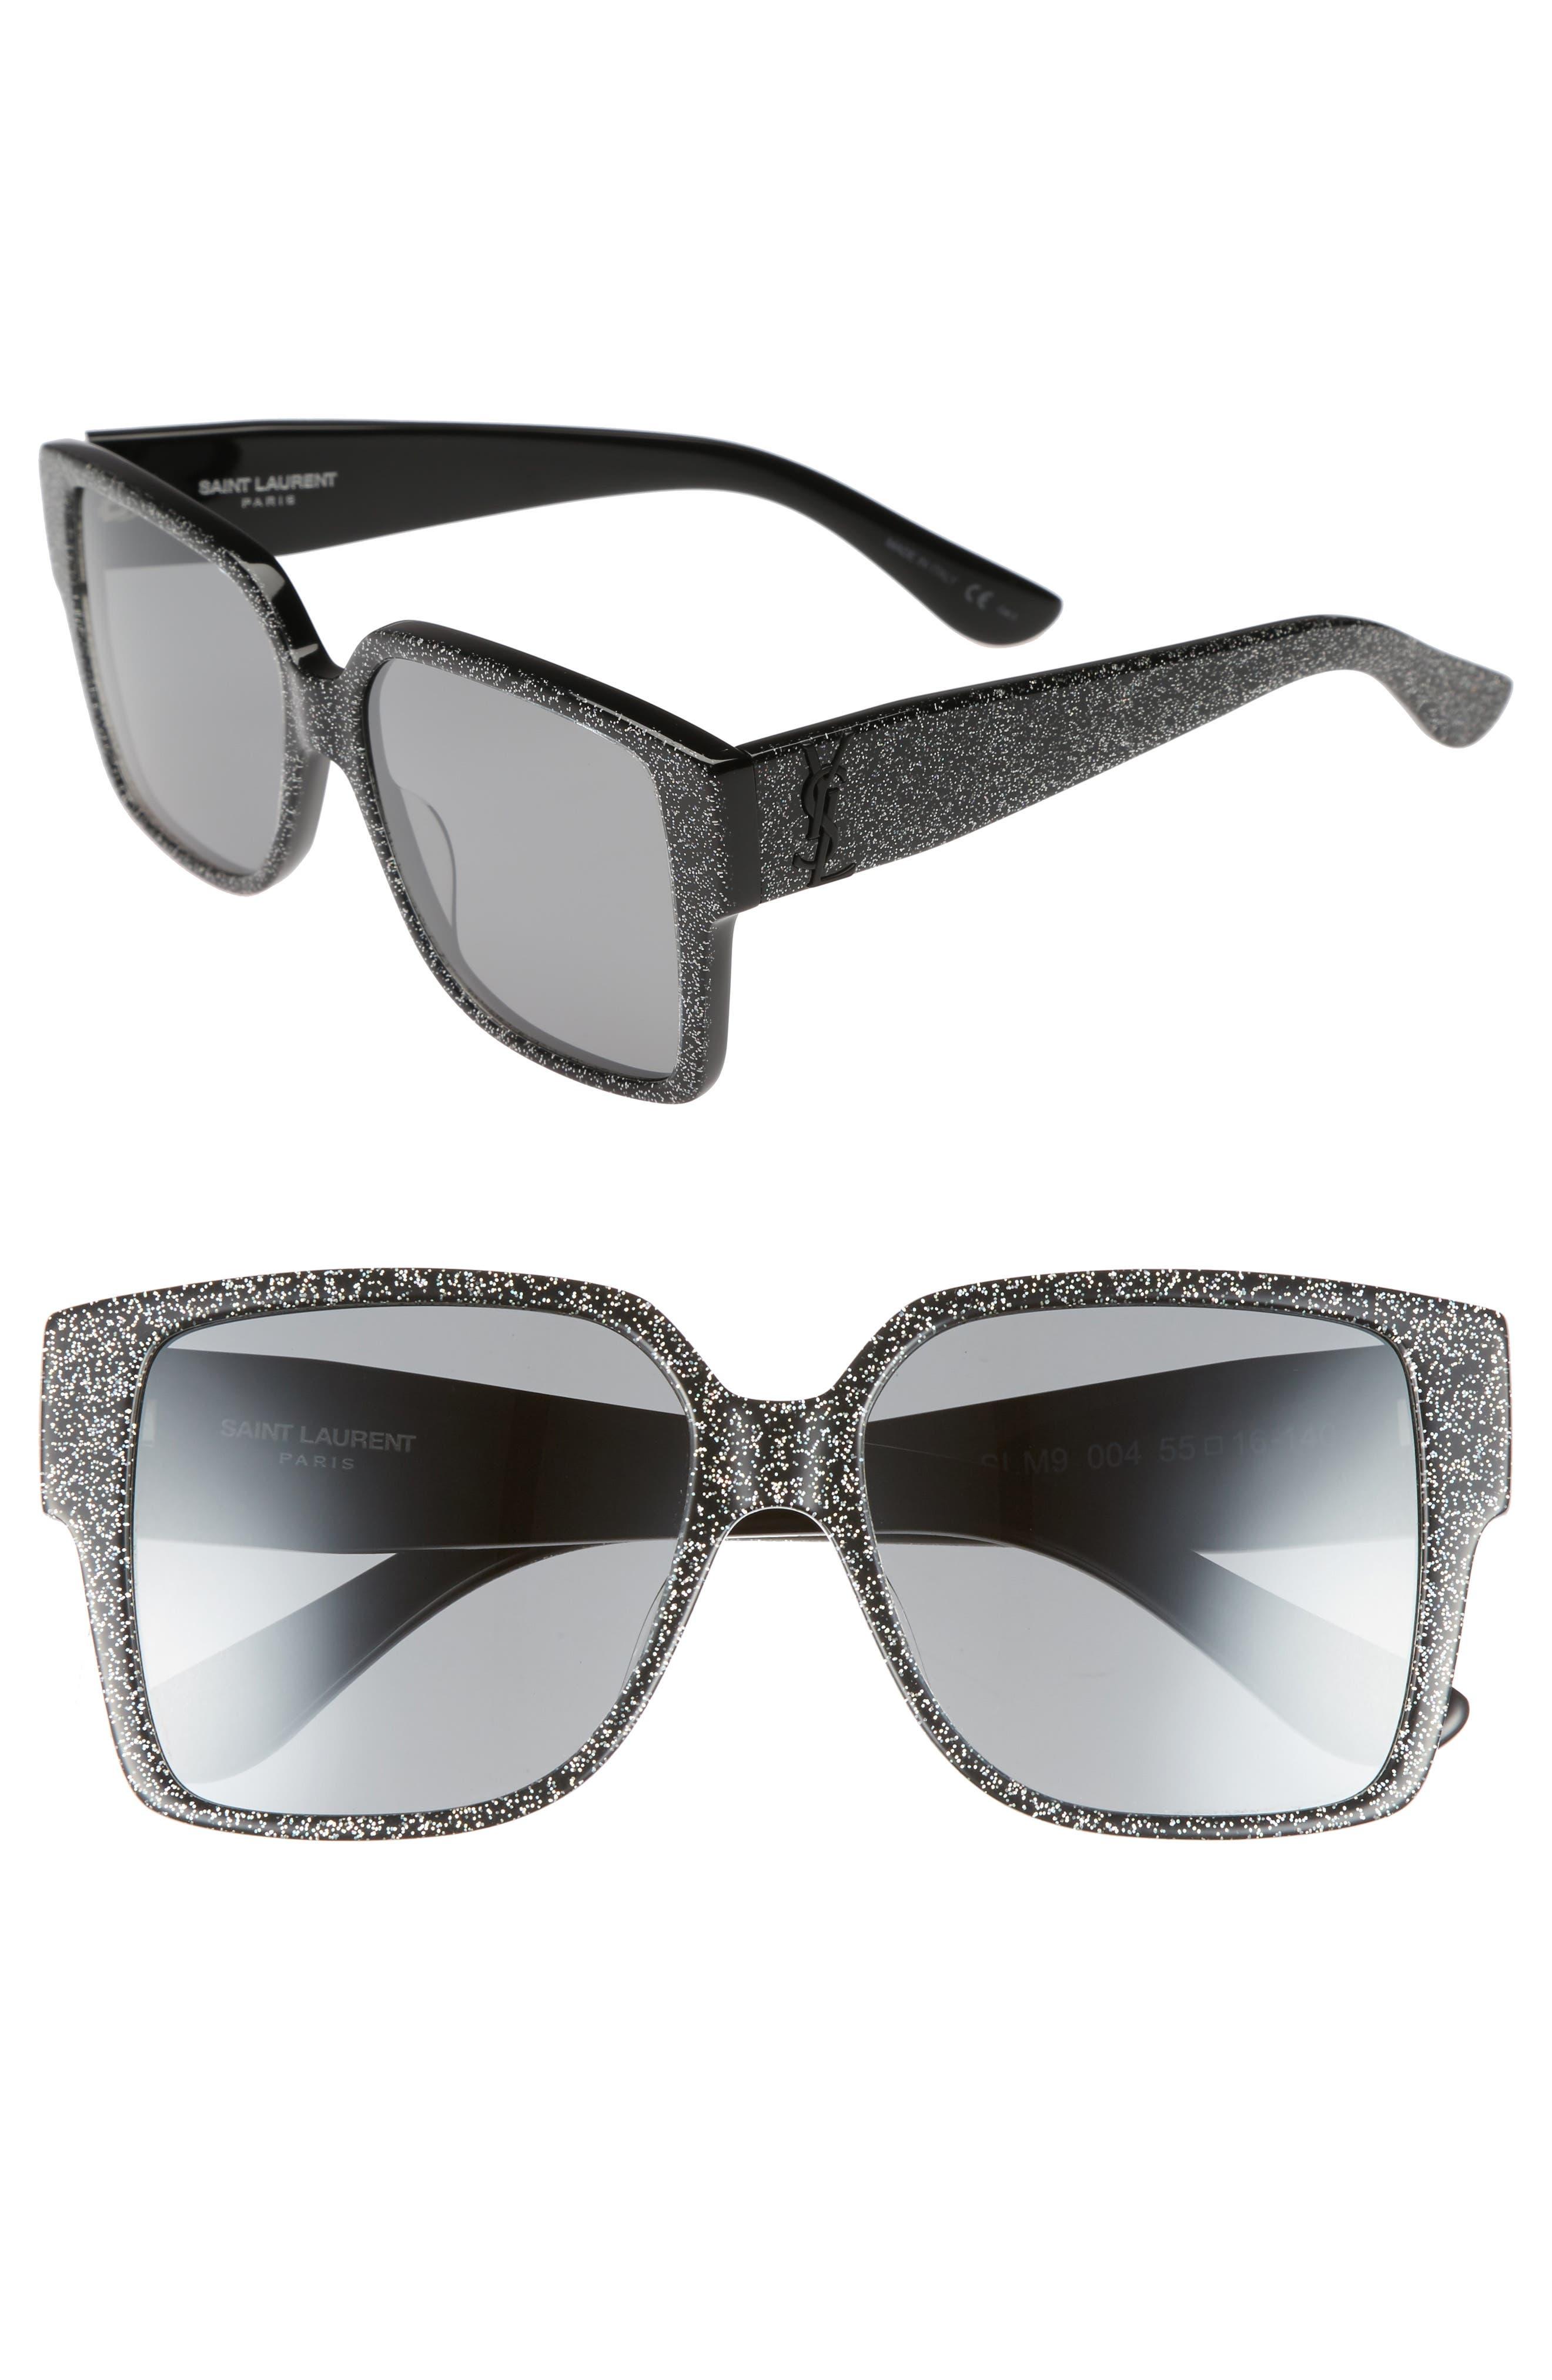 SAINT LAURENT 55mm Square Sunglasses, Main, color, MULTI/ SILVER